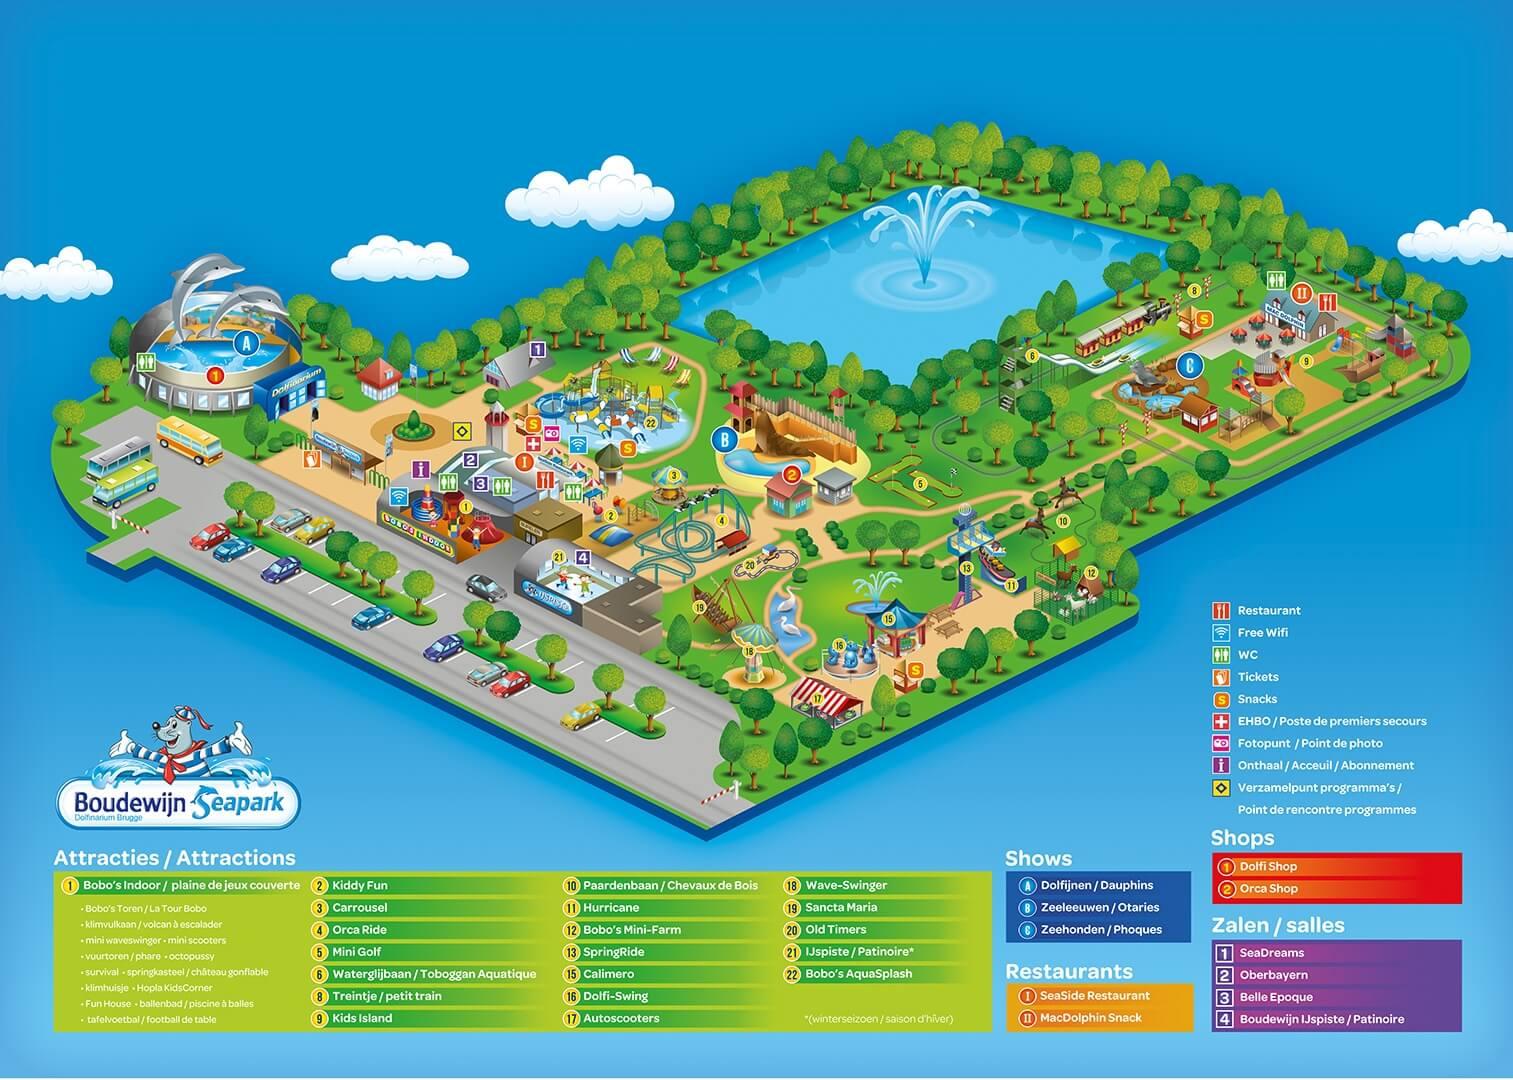 Ontdek Boudewijn Seapark via de plattegrond.